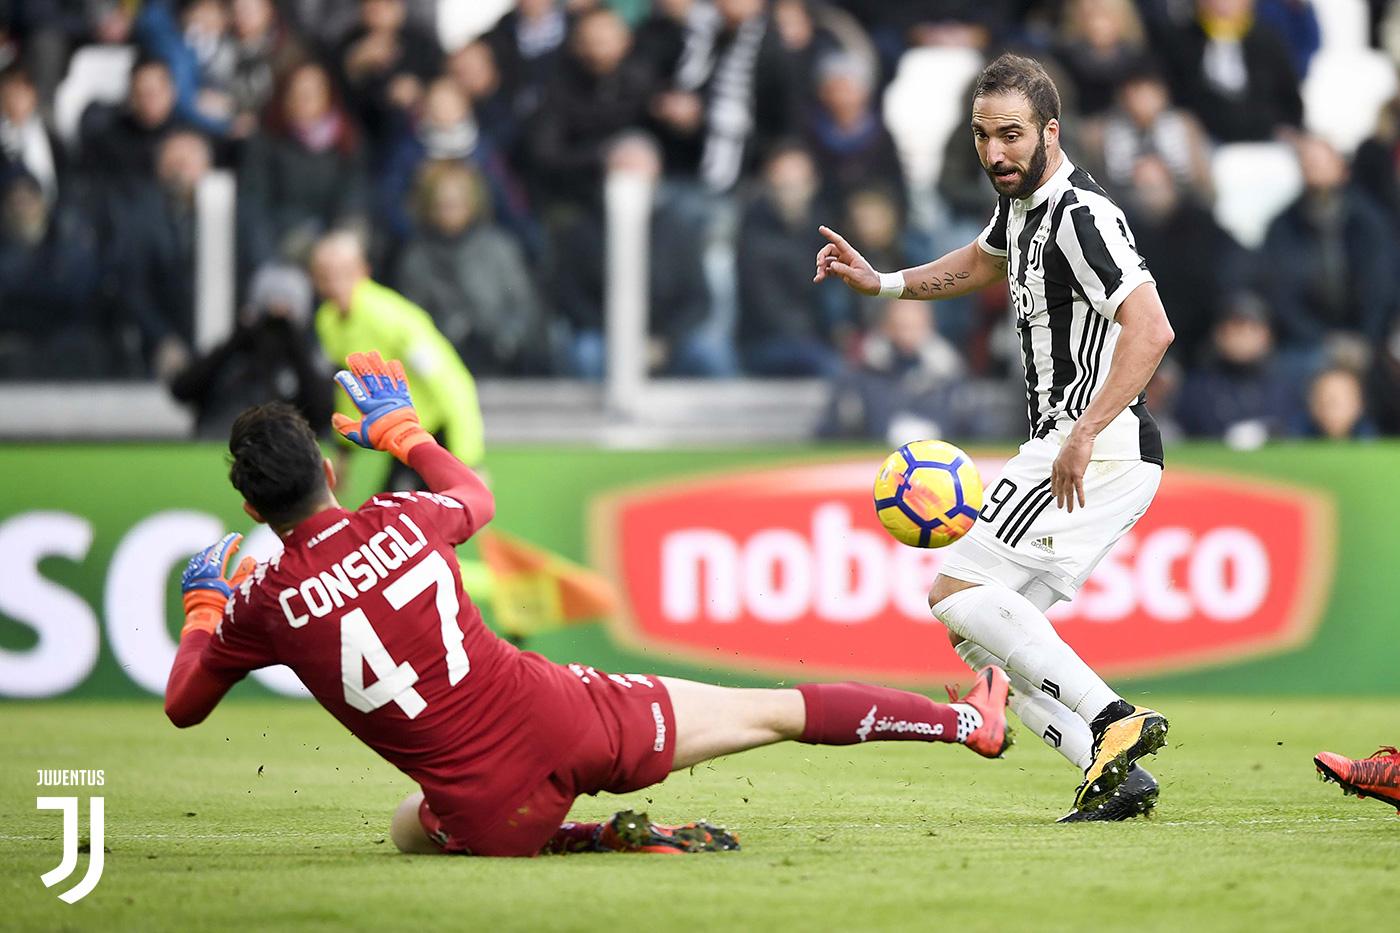 CALCIO Higuain con la Juventus, da Pipita a Pipa